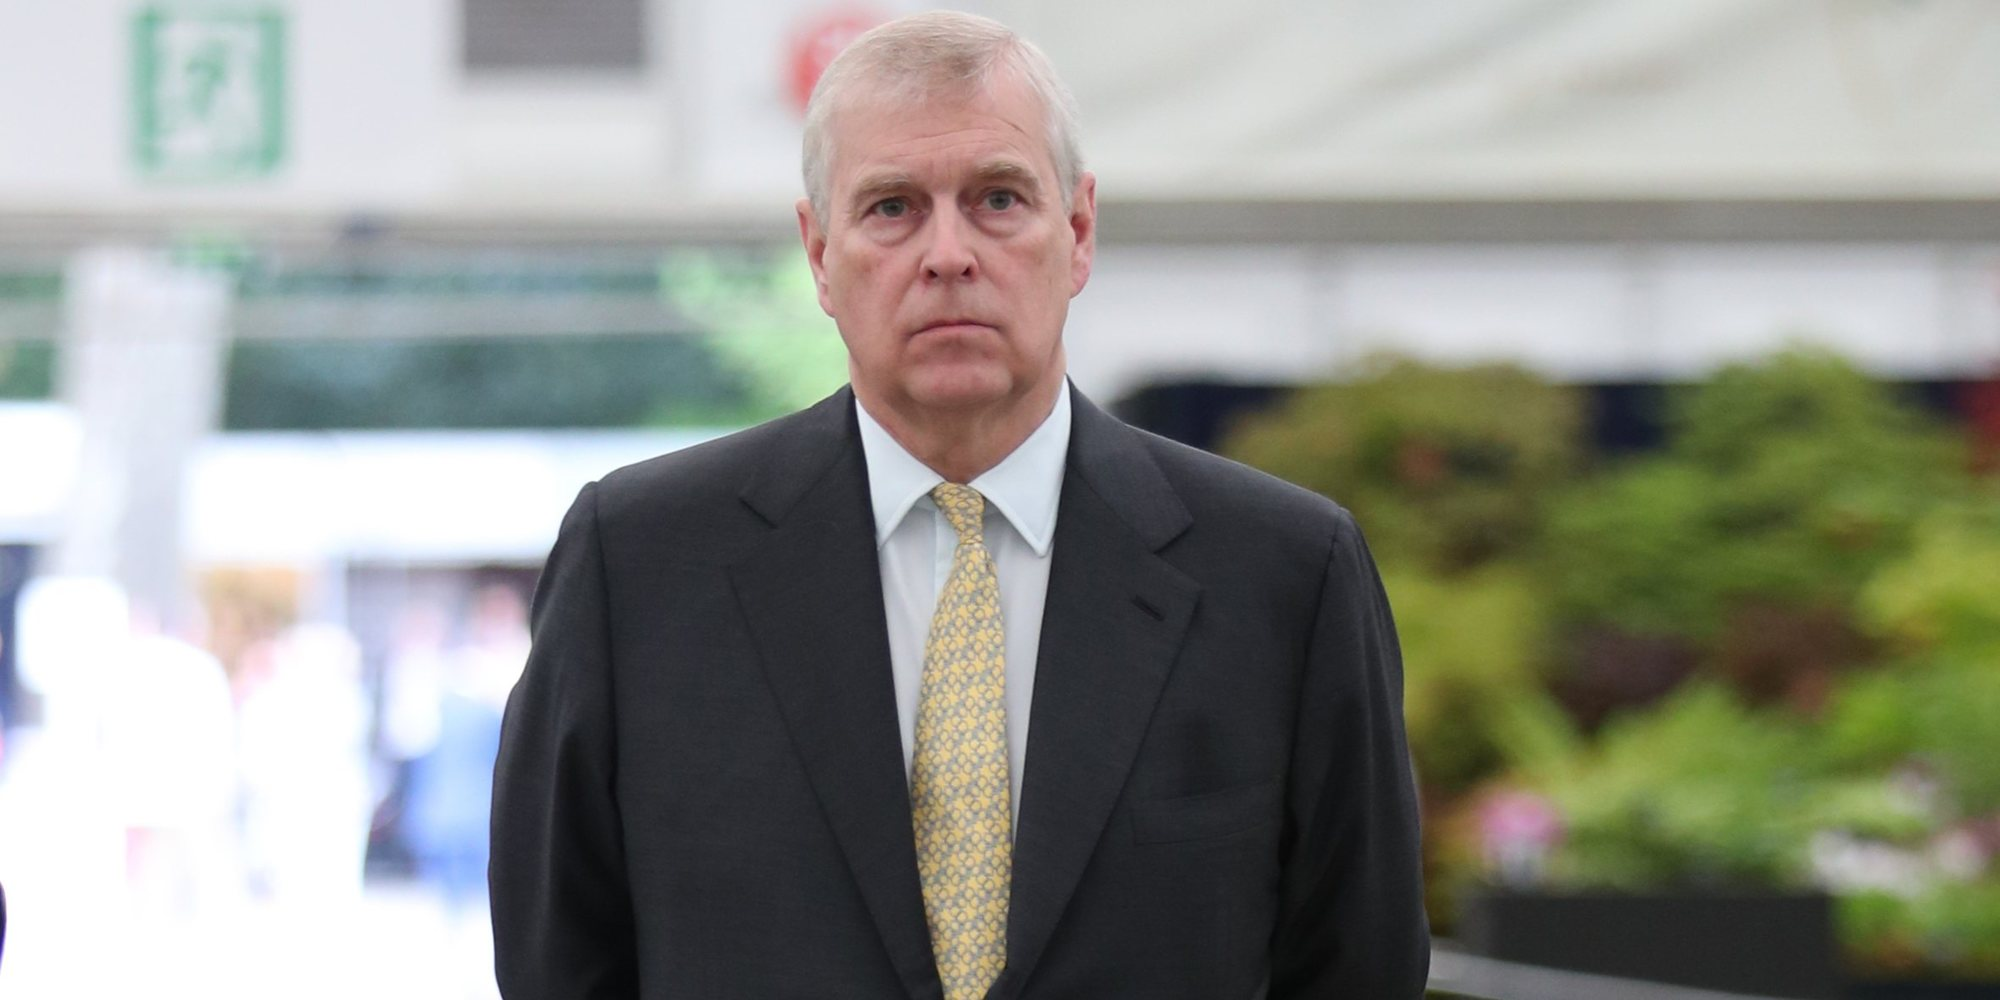 """El Príncipe Andrés está """"horrorizado"""" por el escándalo de abusos sexuales en el que le han involucrado"""